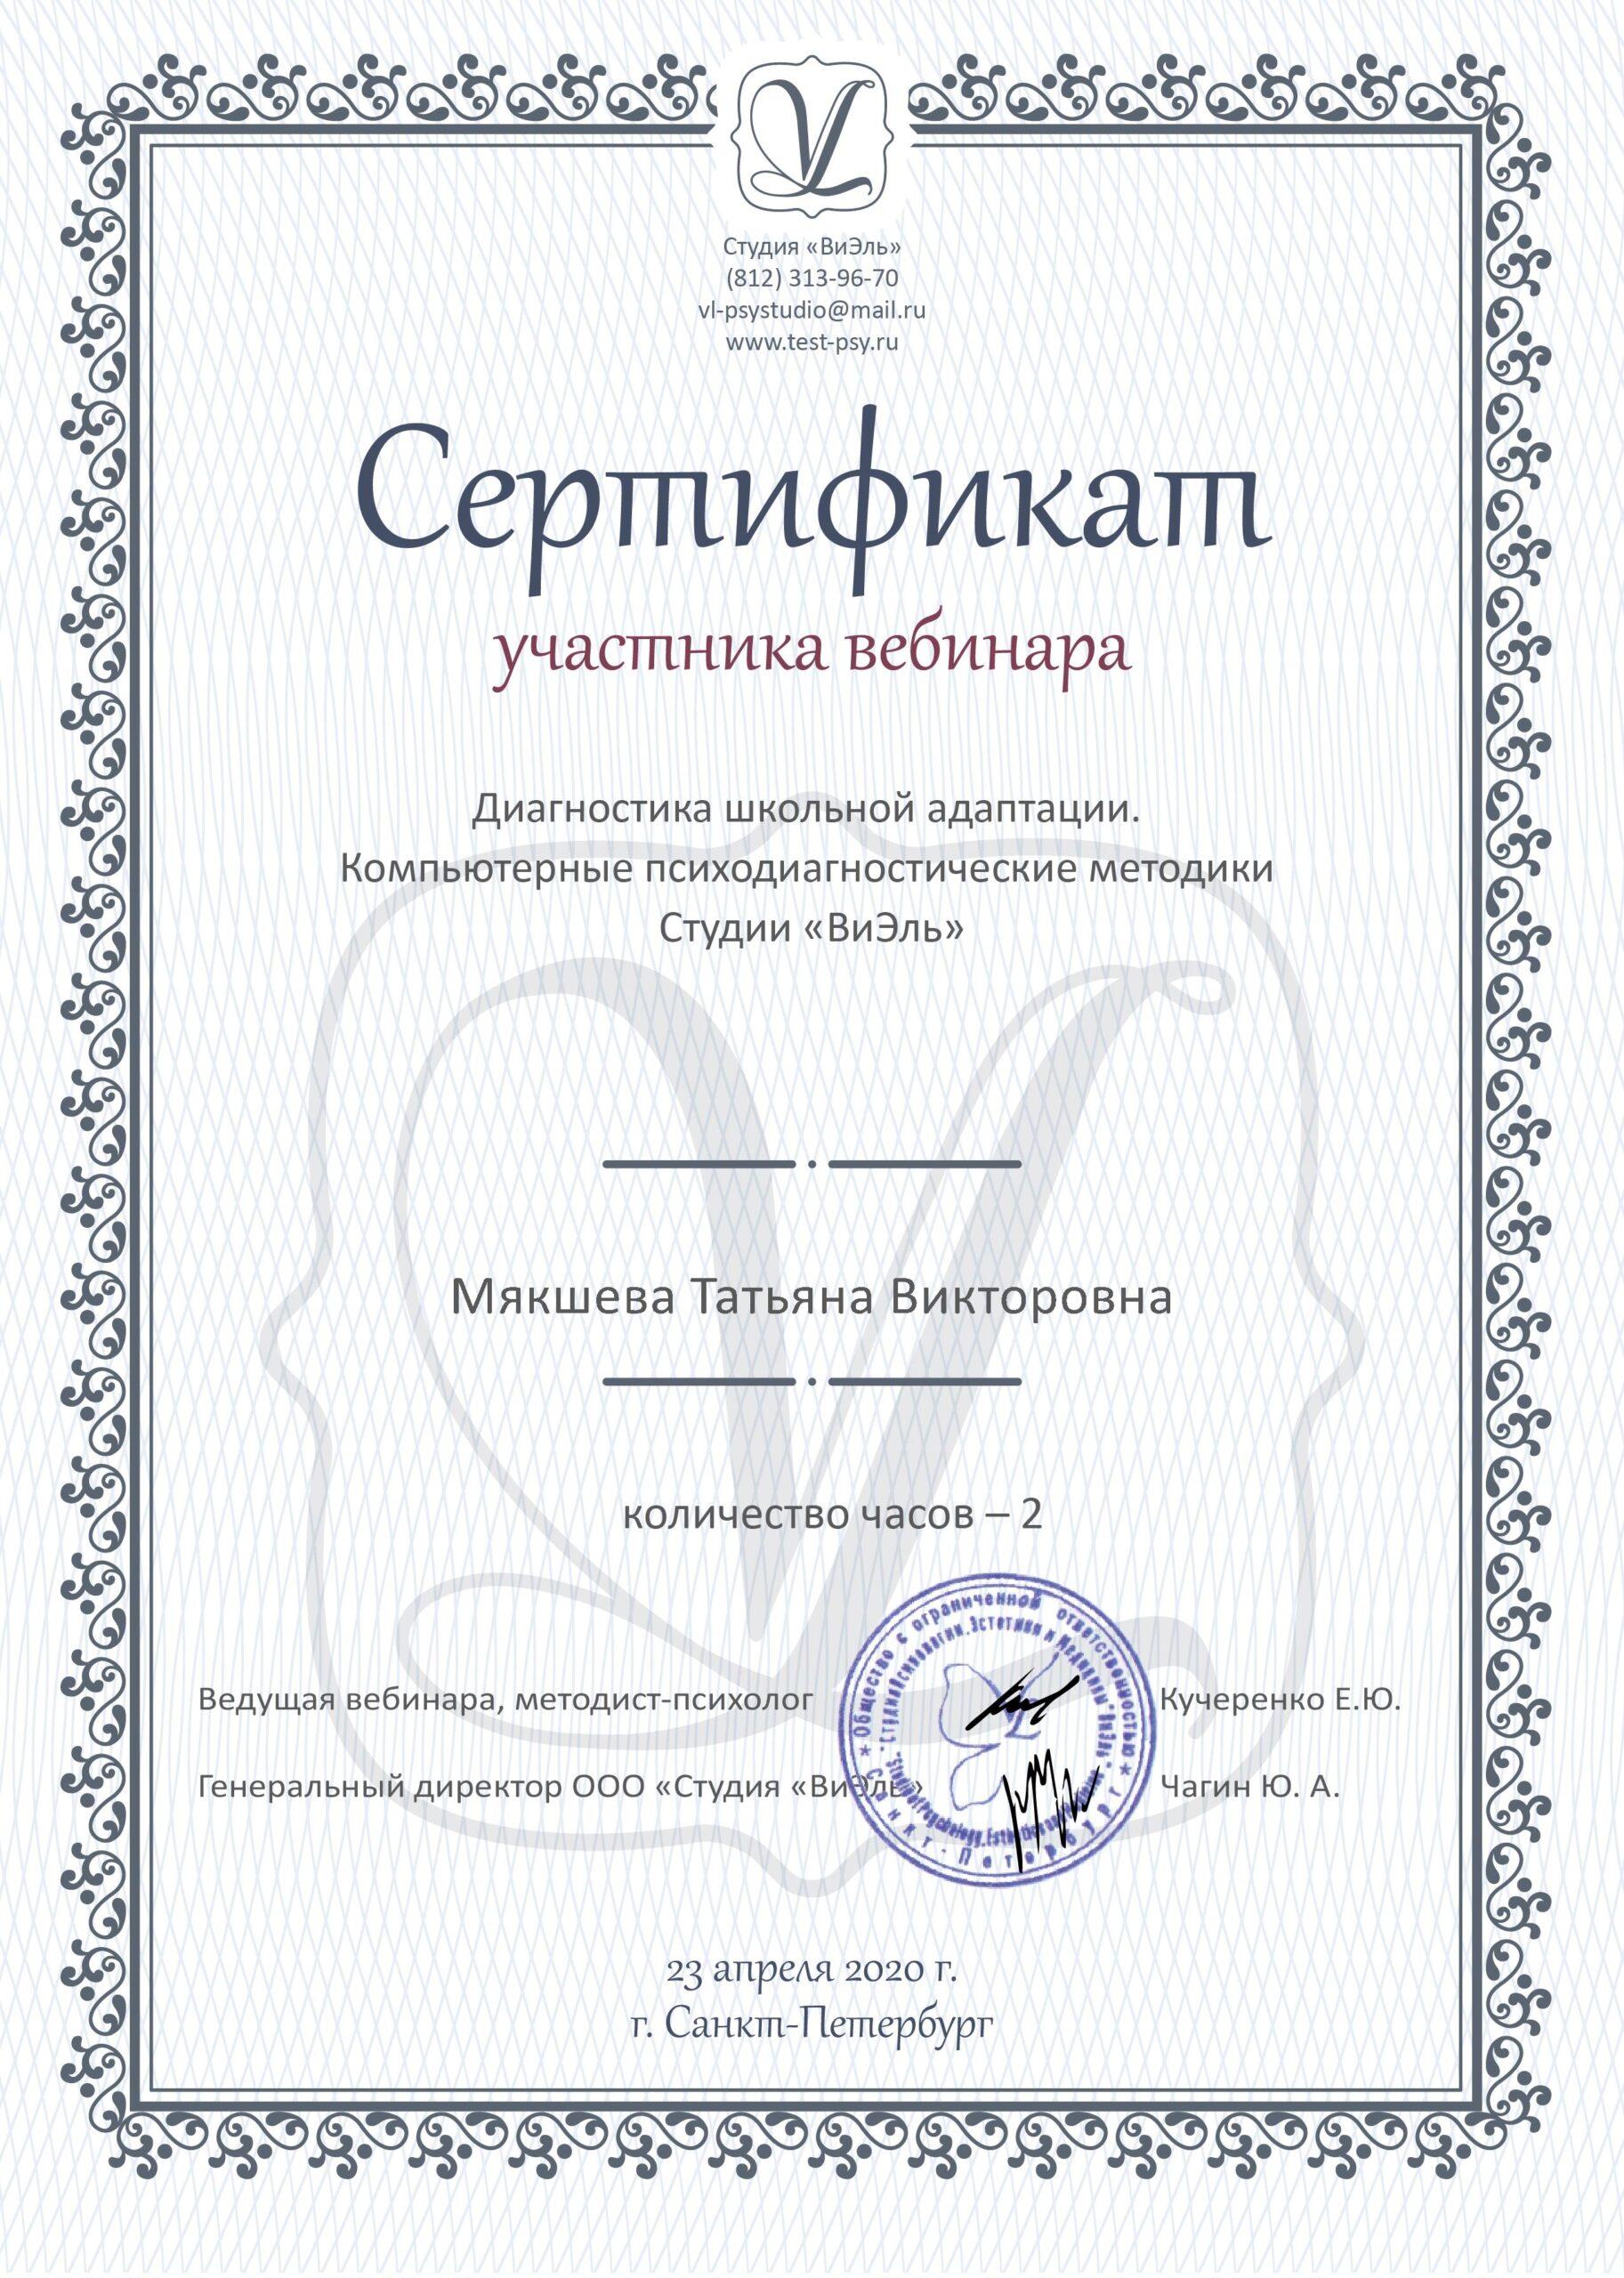 Мякшева Т. В. (2)